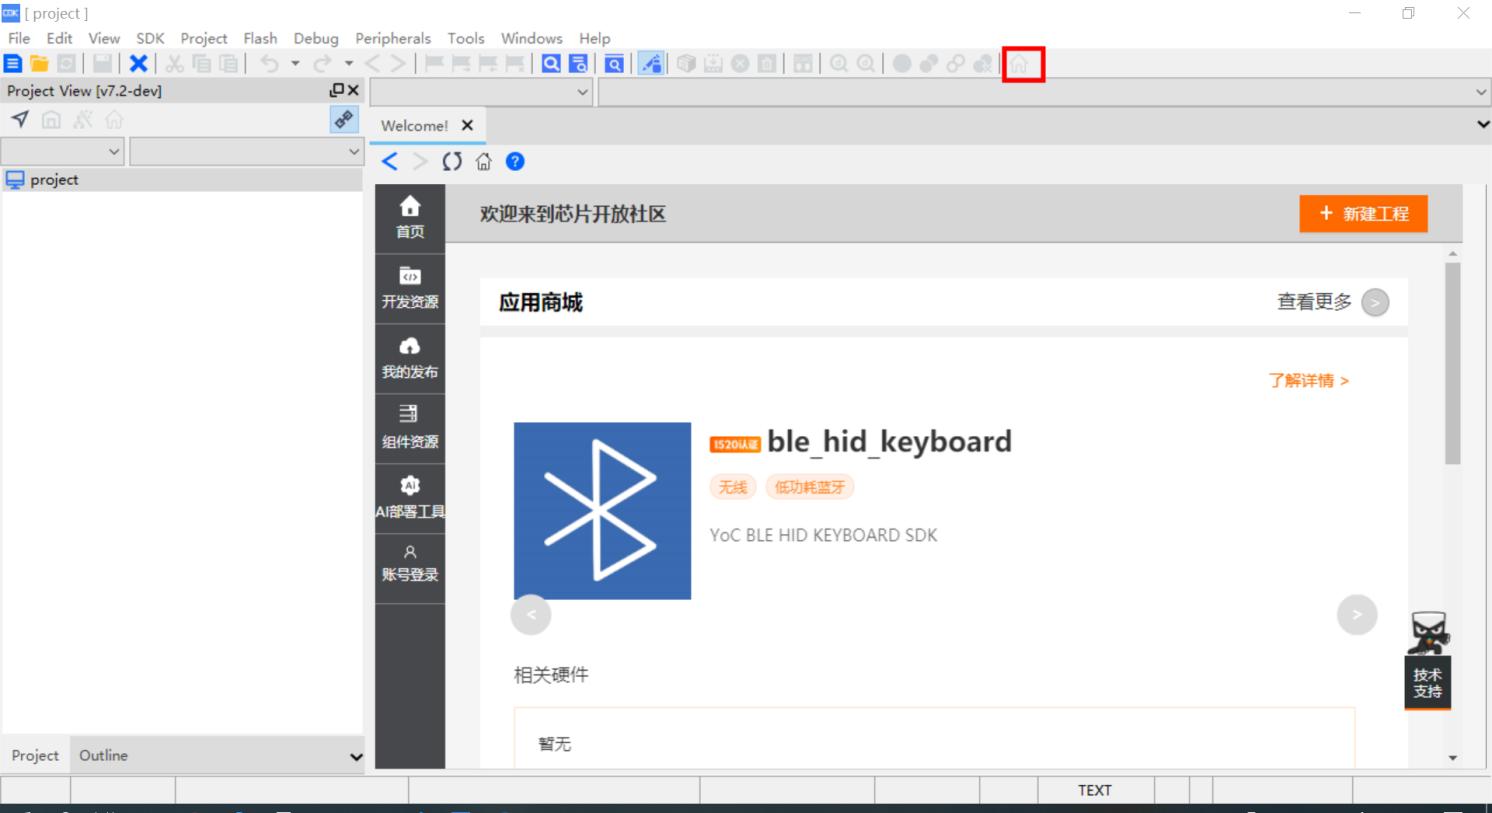 https://occ-oss-prod.oss-cn-hangzhou.aliyuncs.com/userFiles/465918693755322368/postdetail/1618320574478/f13397c871febc2ef1ecf78292d1582b.png